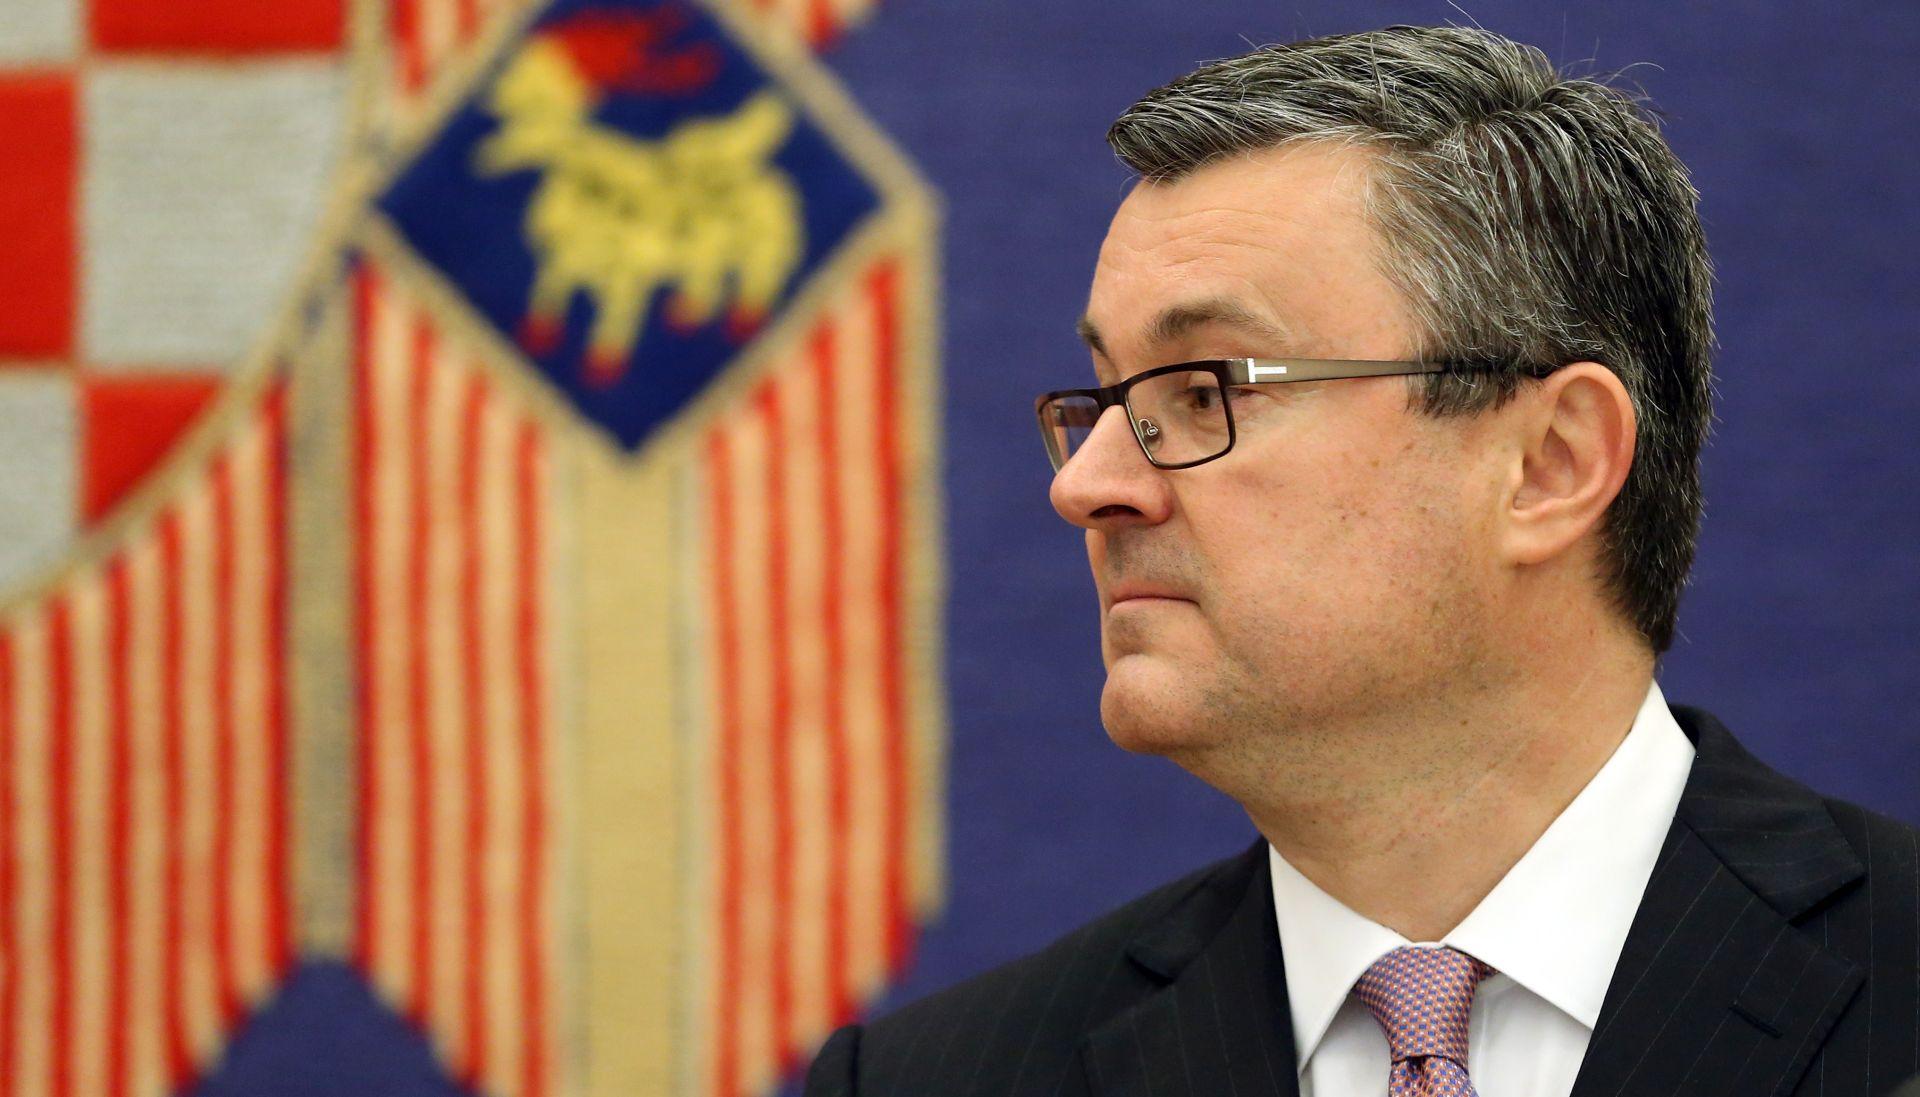 MARTINOVIĆ NAJAVIO KOALICIJSKI UGOVOR Milošević: Orešković savršeno potvrđuje cilj MOST-a i Domoljubne koalicije